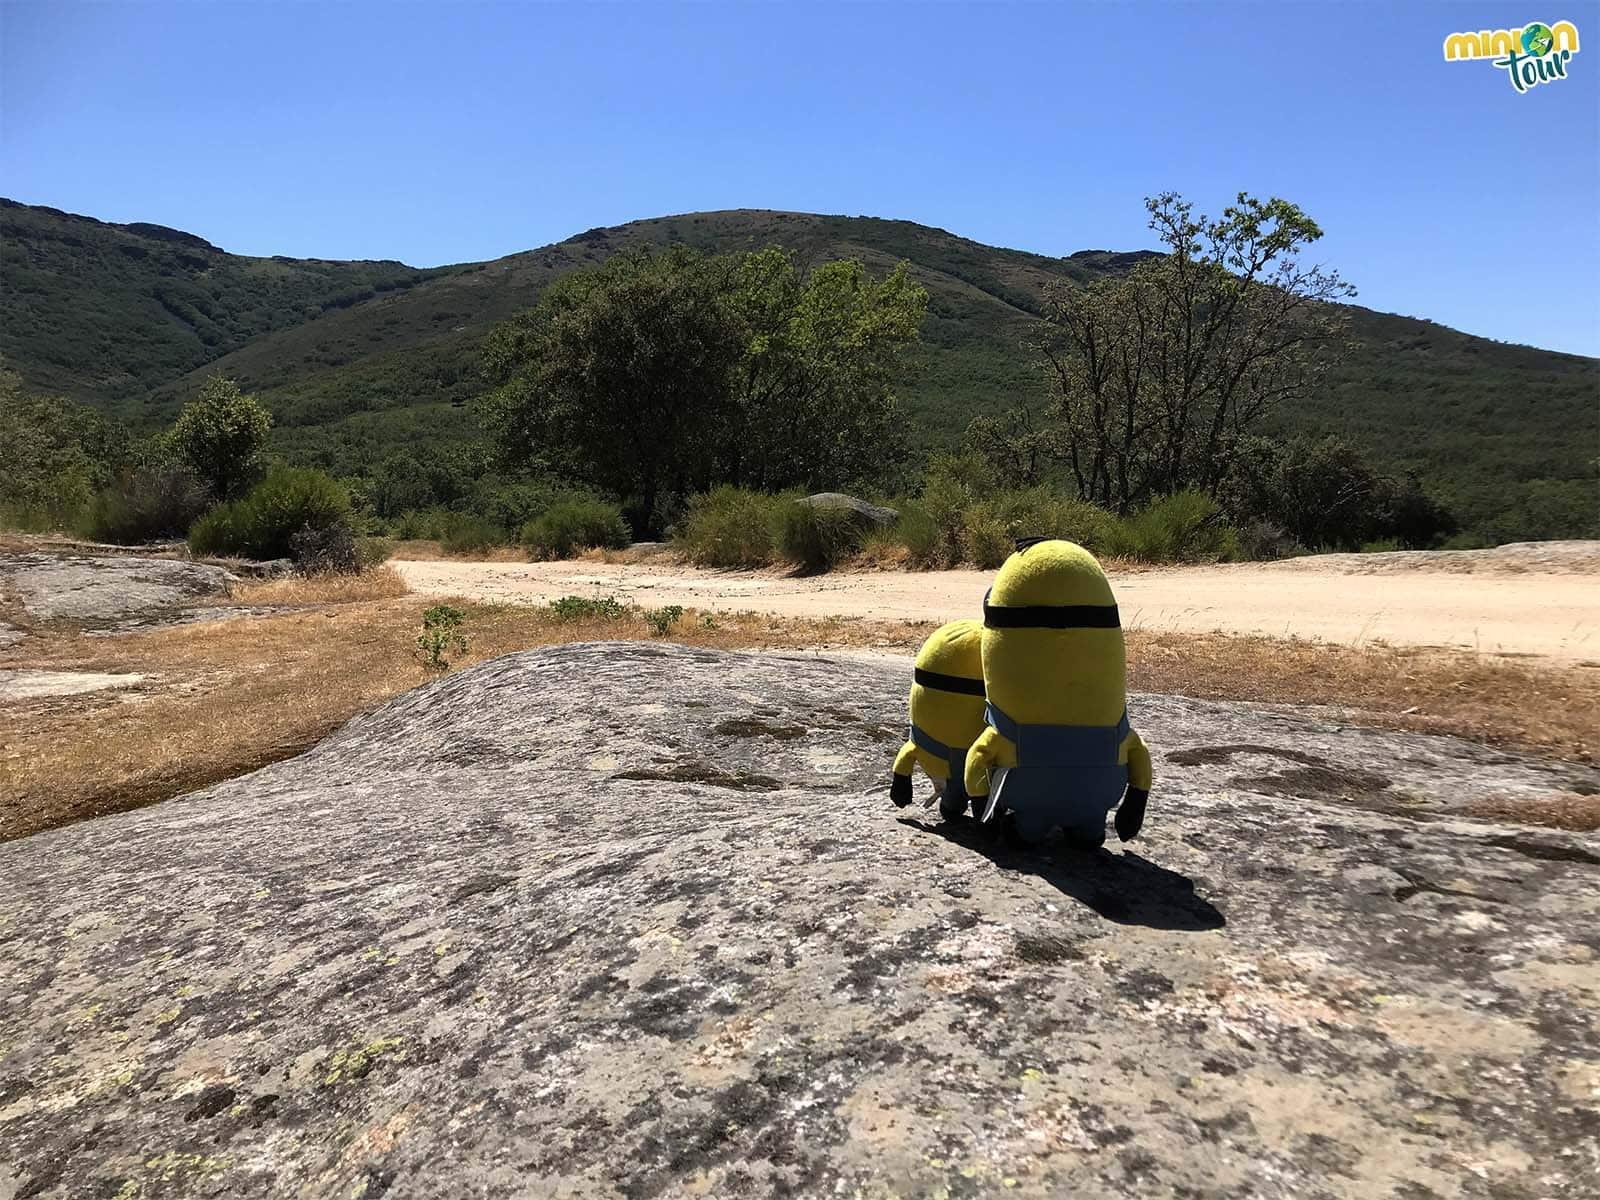 Buscando la tumba del peregrino en la ruta Secretos de Bosques y Cañadas en San Pablo de los Montes